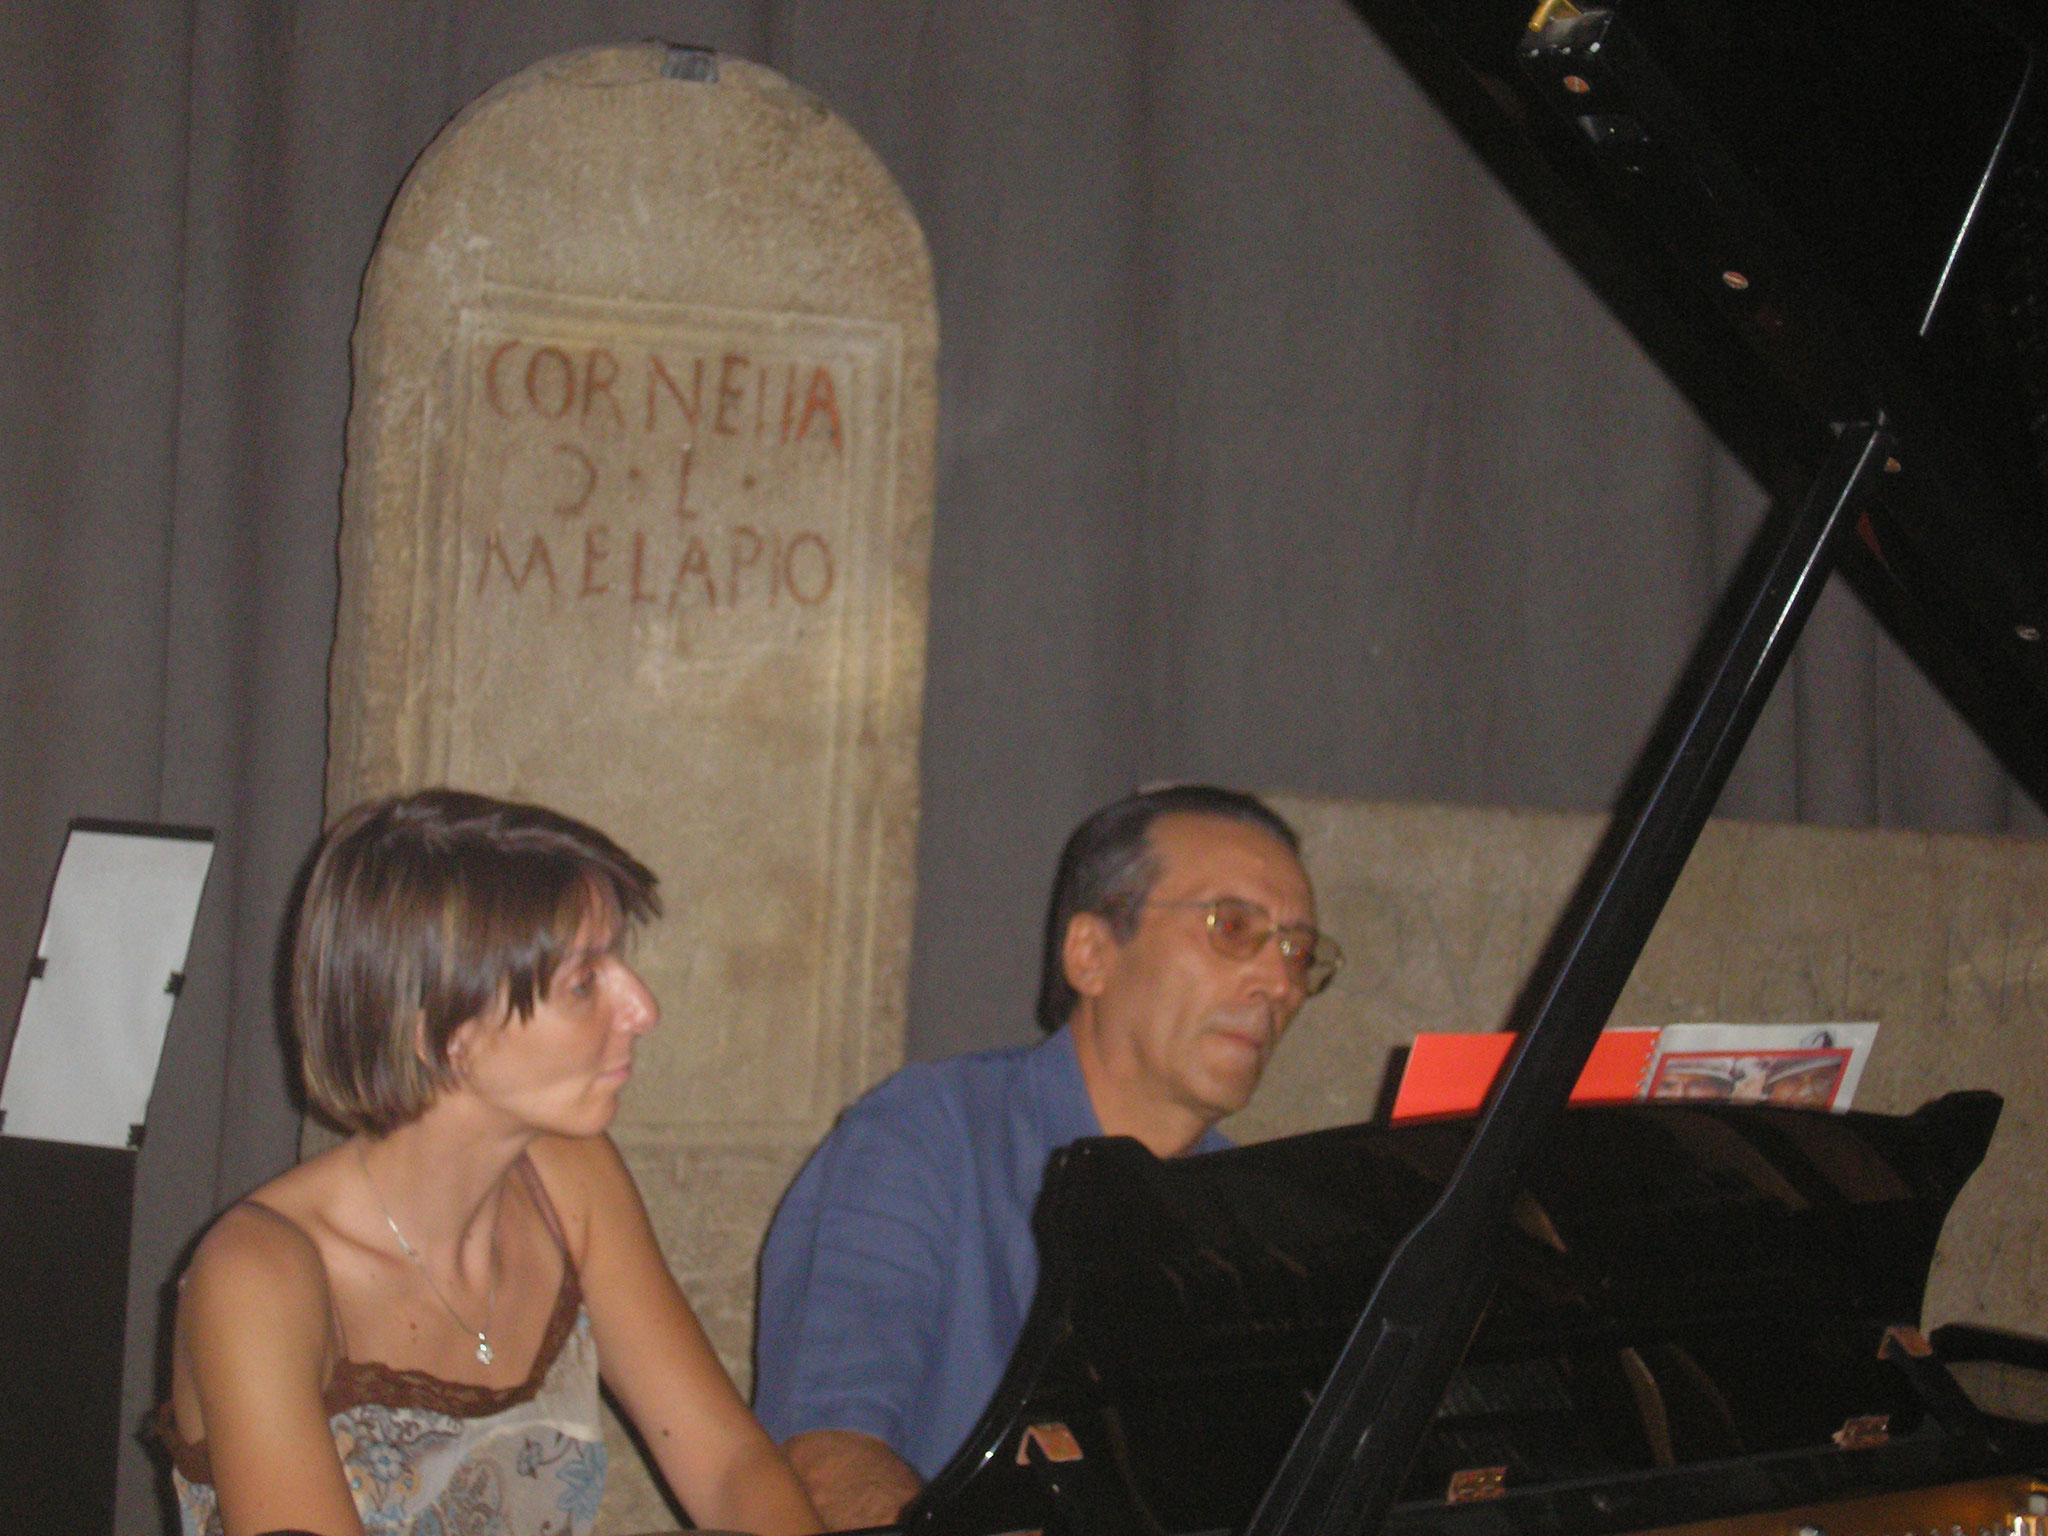 Con Rossella Spinosa a Reggio Emilia prima di Maggio al Cinema Rosebud il 9 agosto 2007